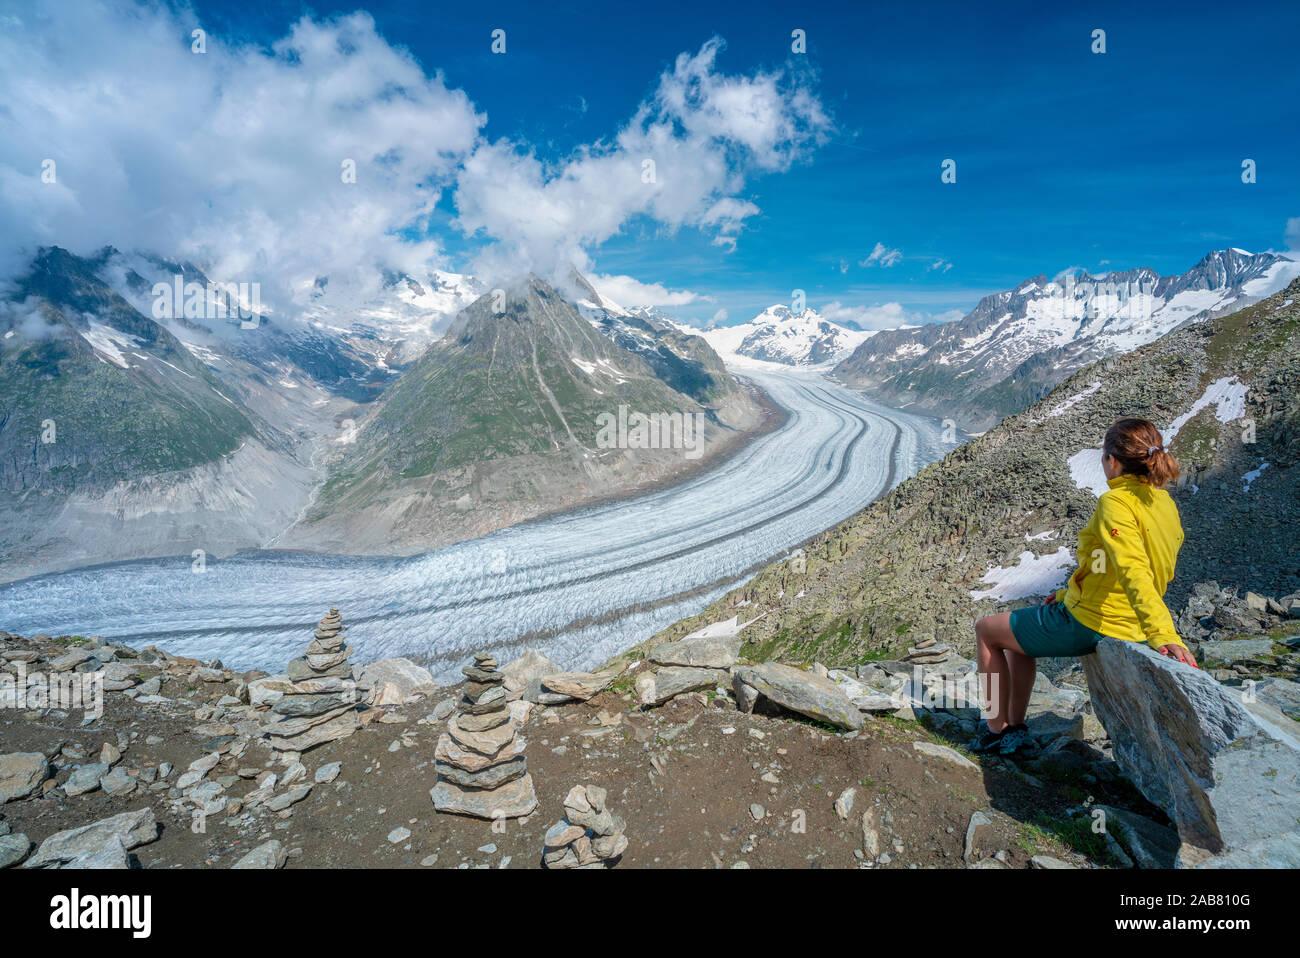 Vista lateral de la mujer sentada sobre las rocas, admirando el Glaciar Aletsch desde el punto de vista Eggishorn, Alpes Berneses, cantón de Valais, Suiza, Europa Foto de stock